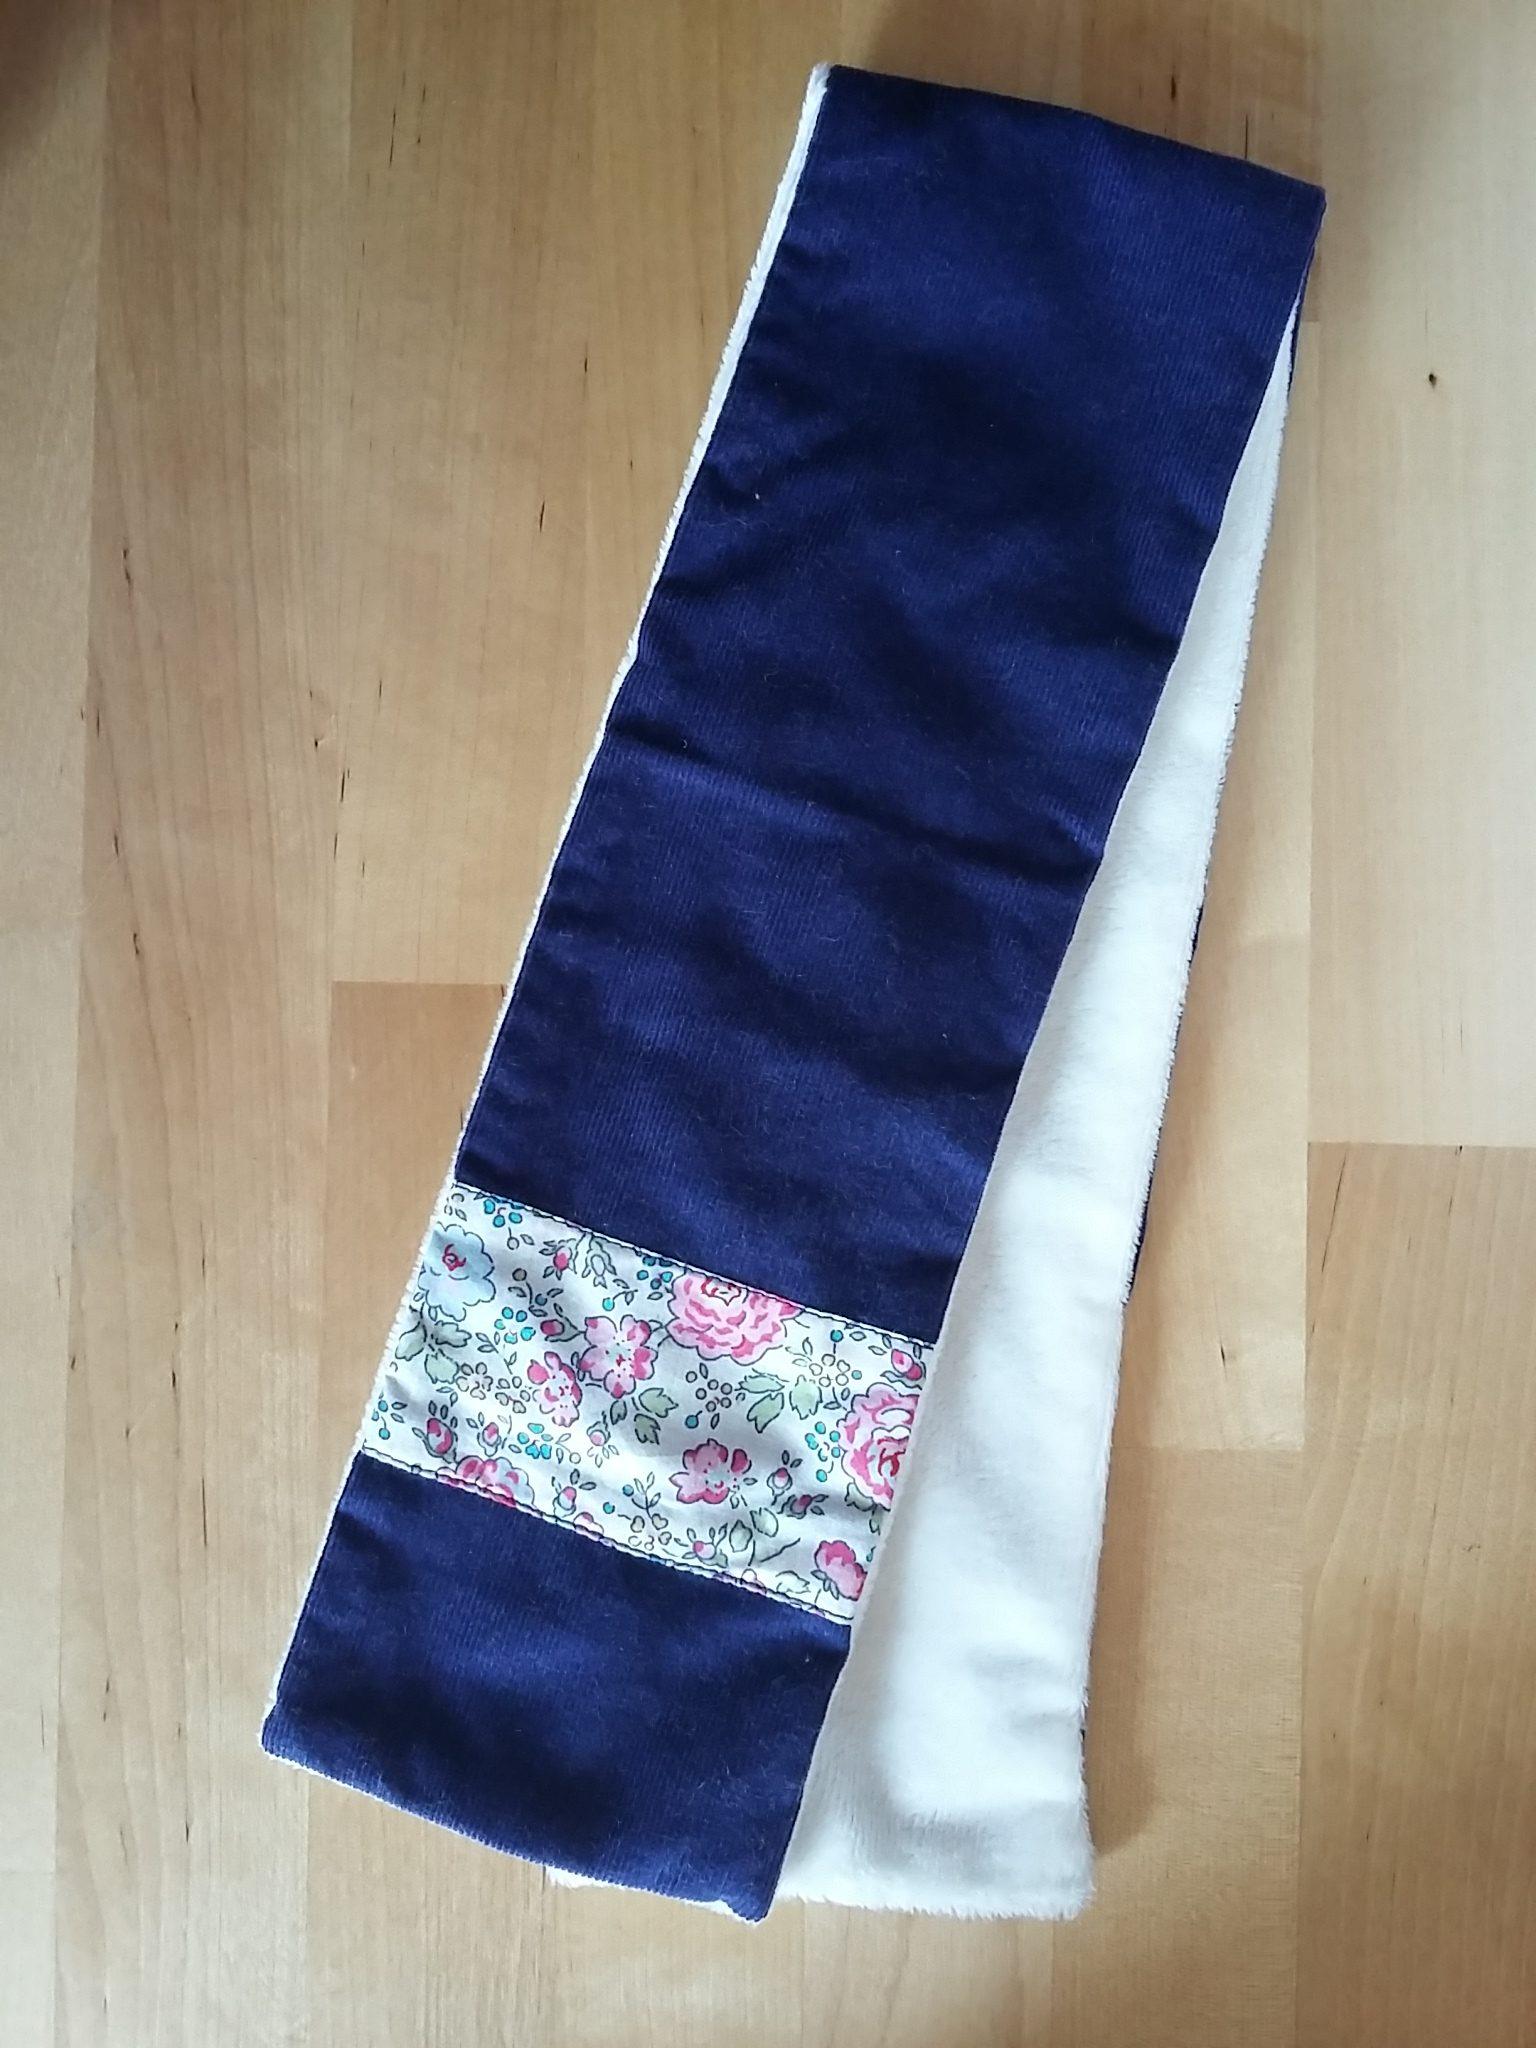 Écharpe bleu marine : 14 €